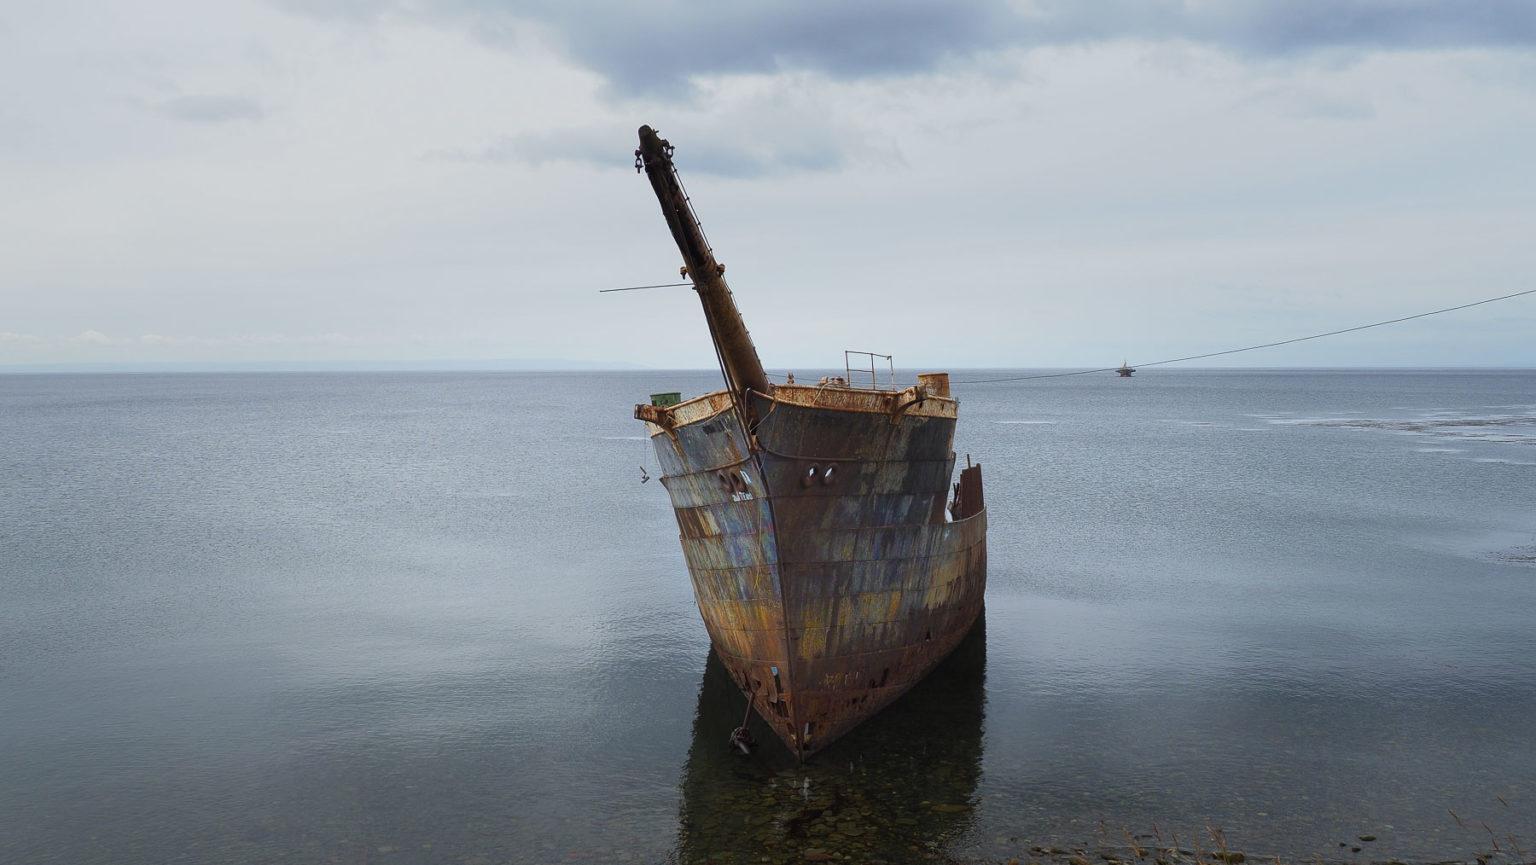 Eines der zahlreichen Schiffswracks in dieser rauen Gegend